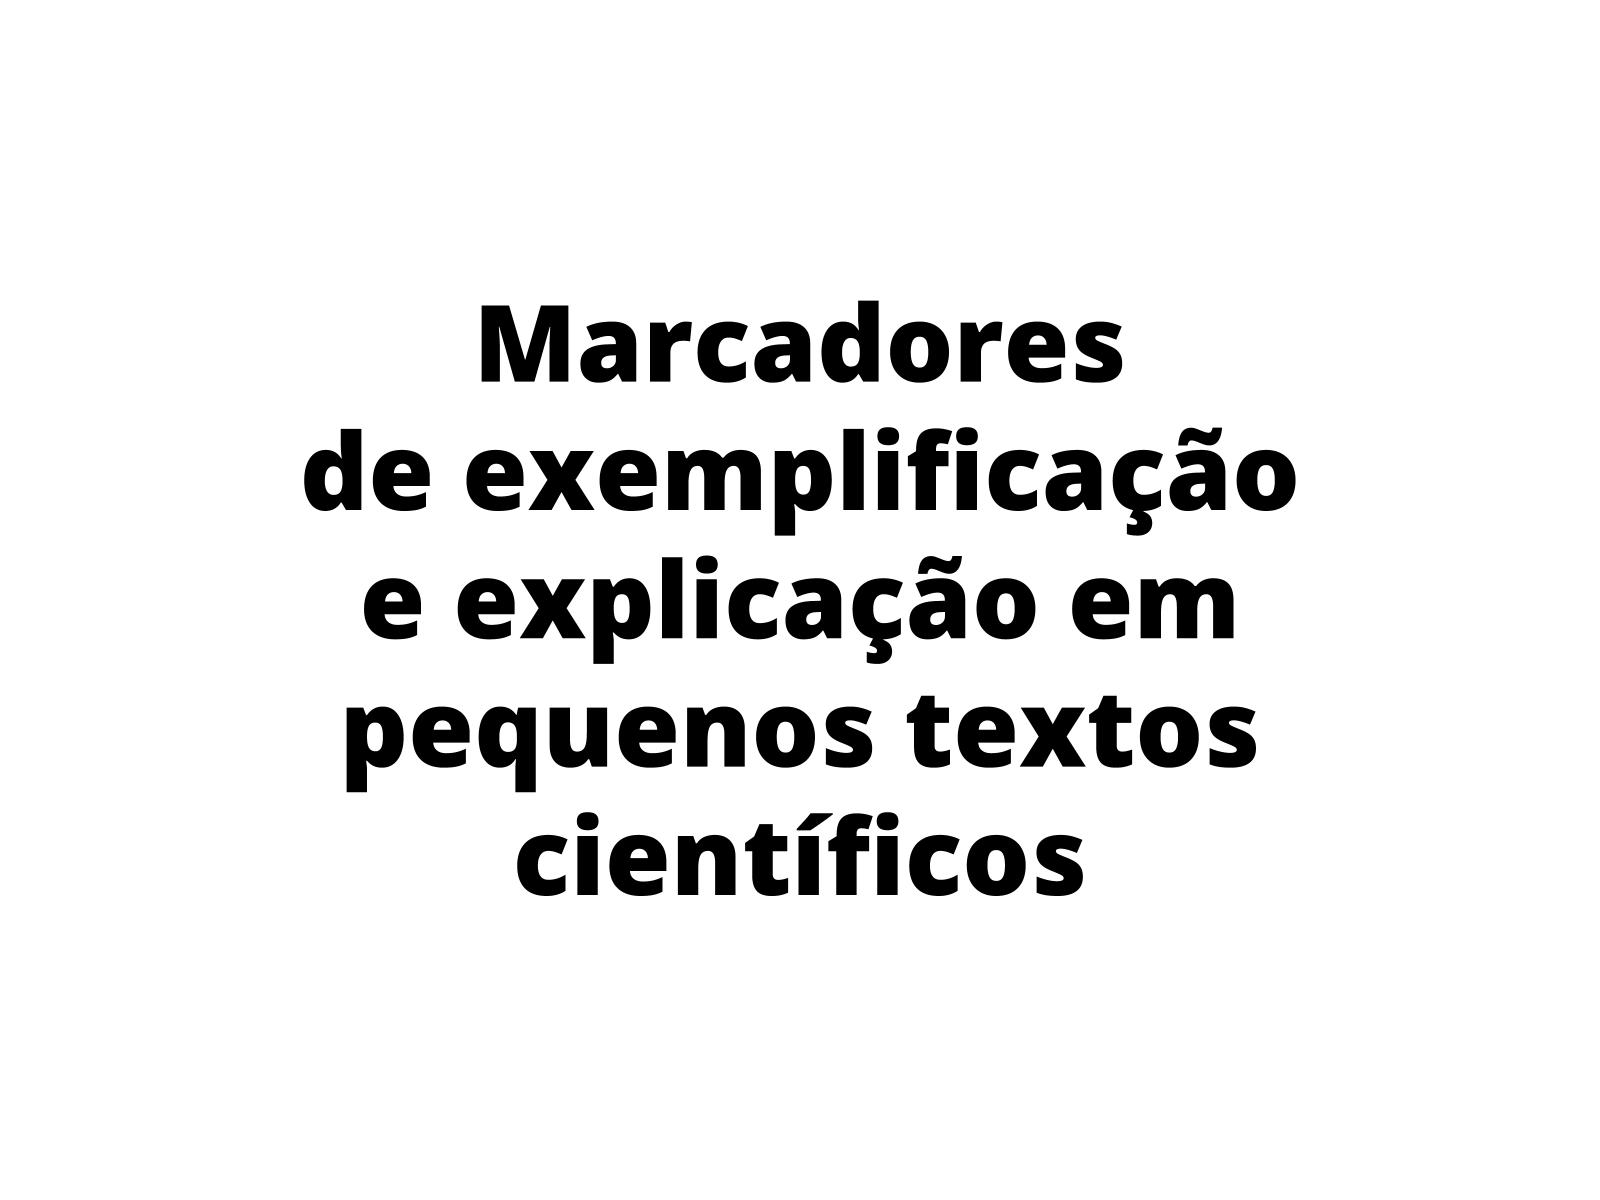 Marcadores  de exemplificação e explicação em pequenos textos científicos